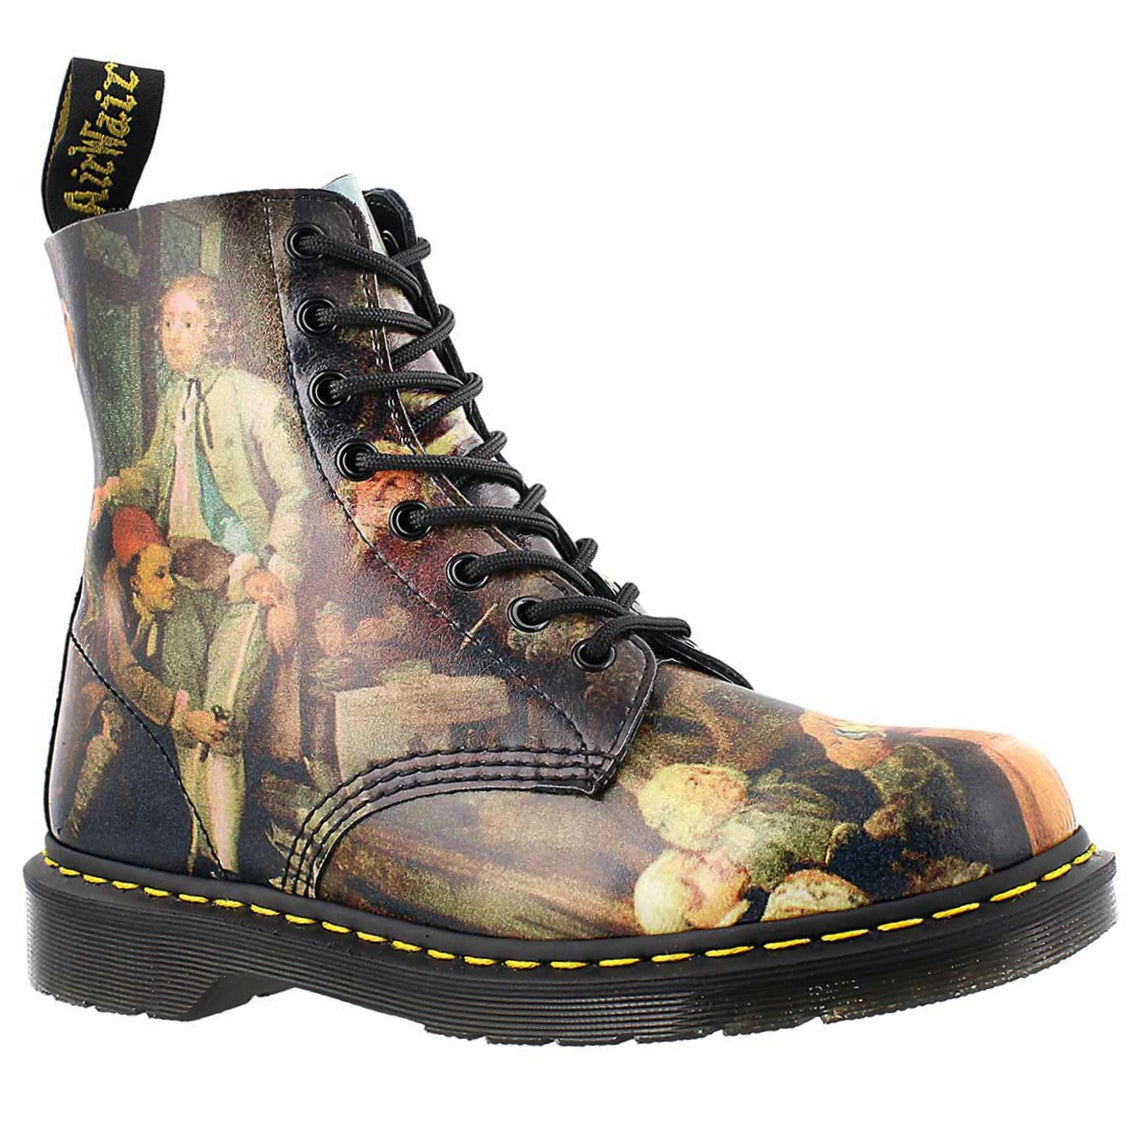 Mns 1460 Renaissance multi 8-eye boot